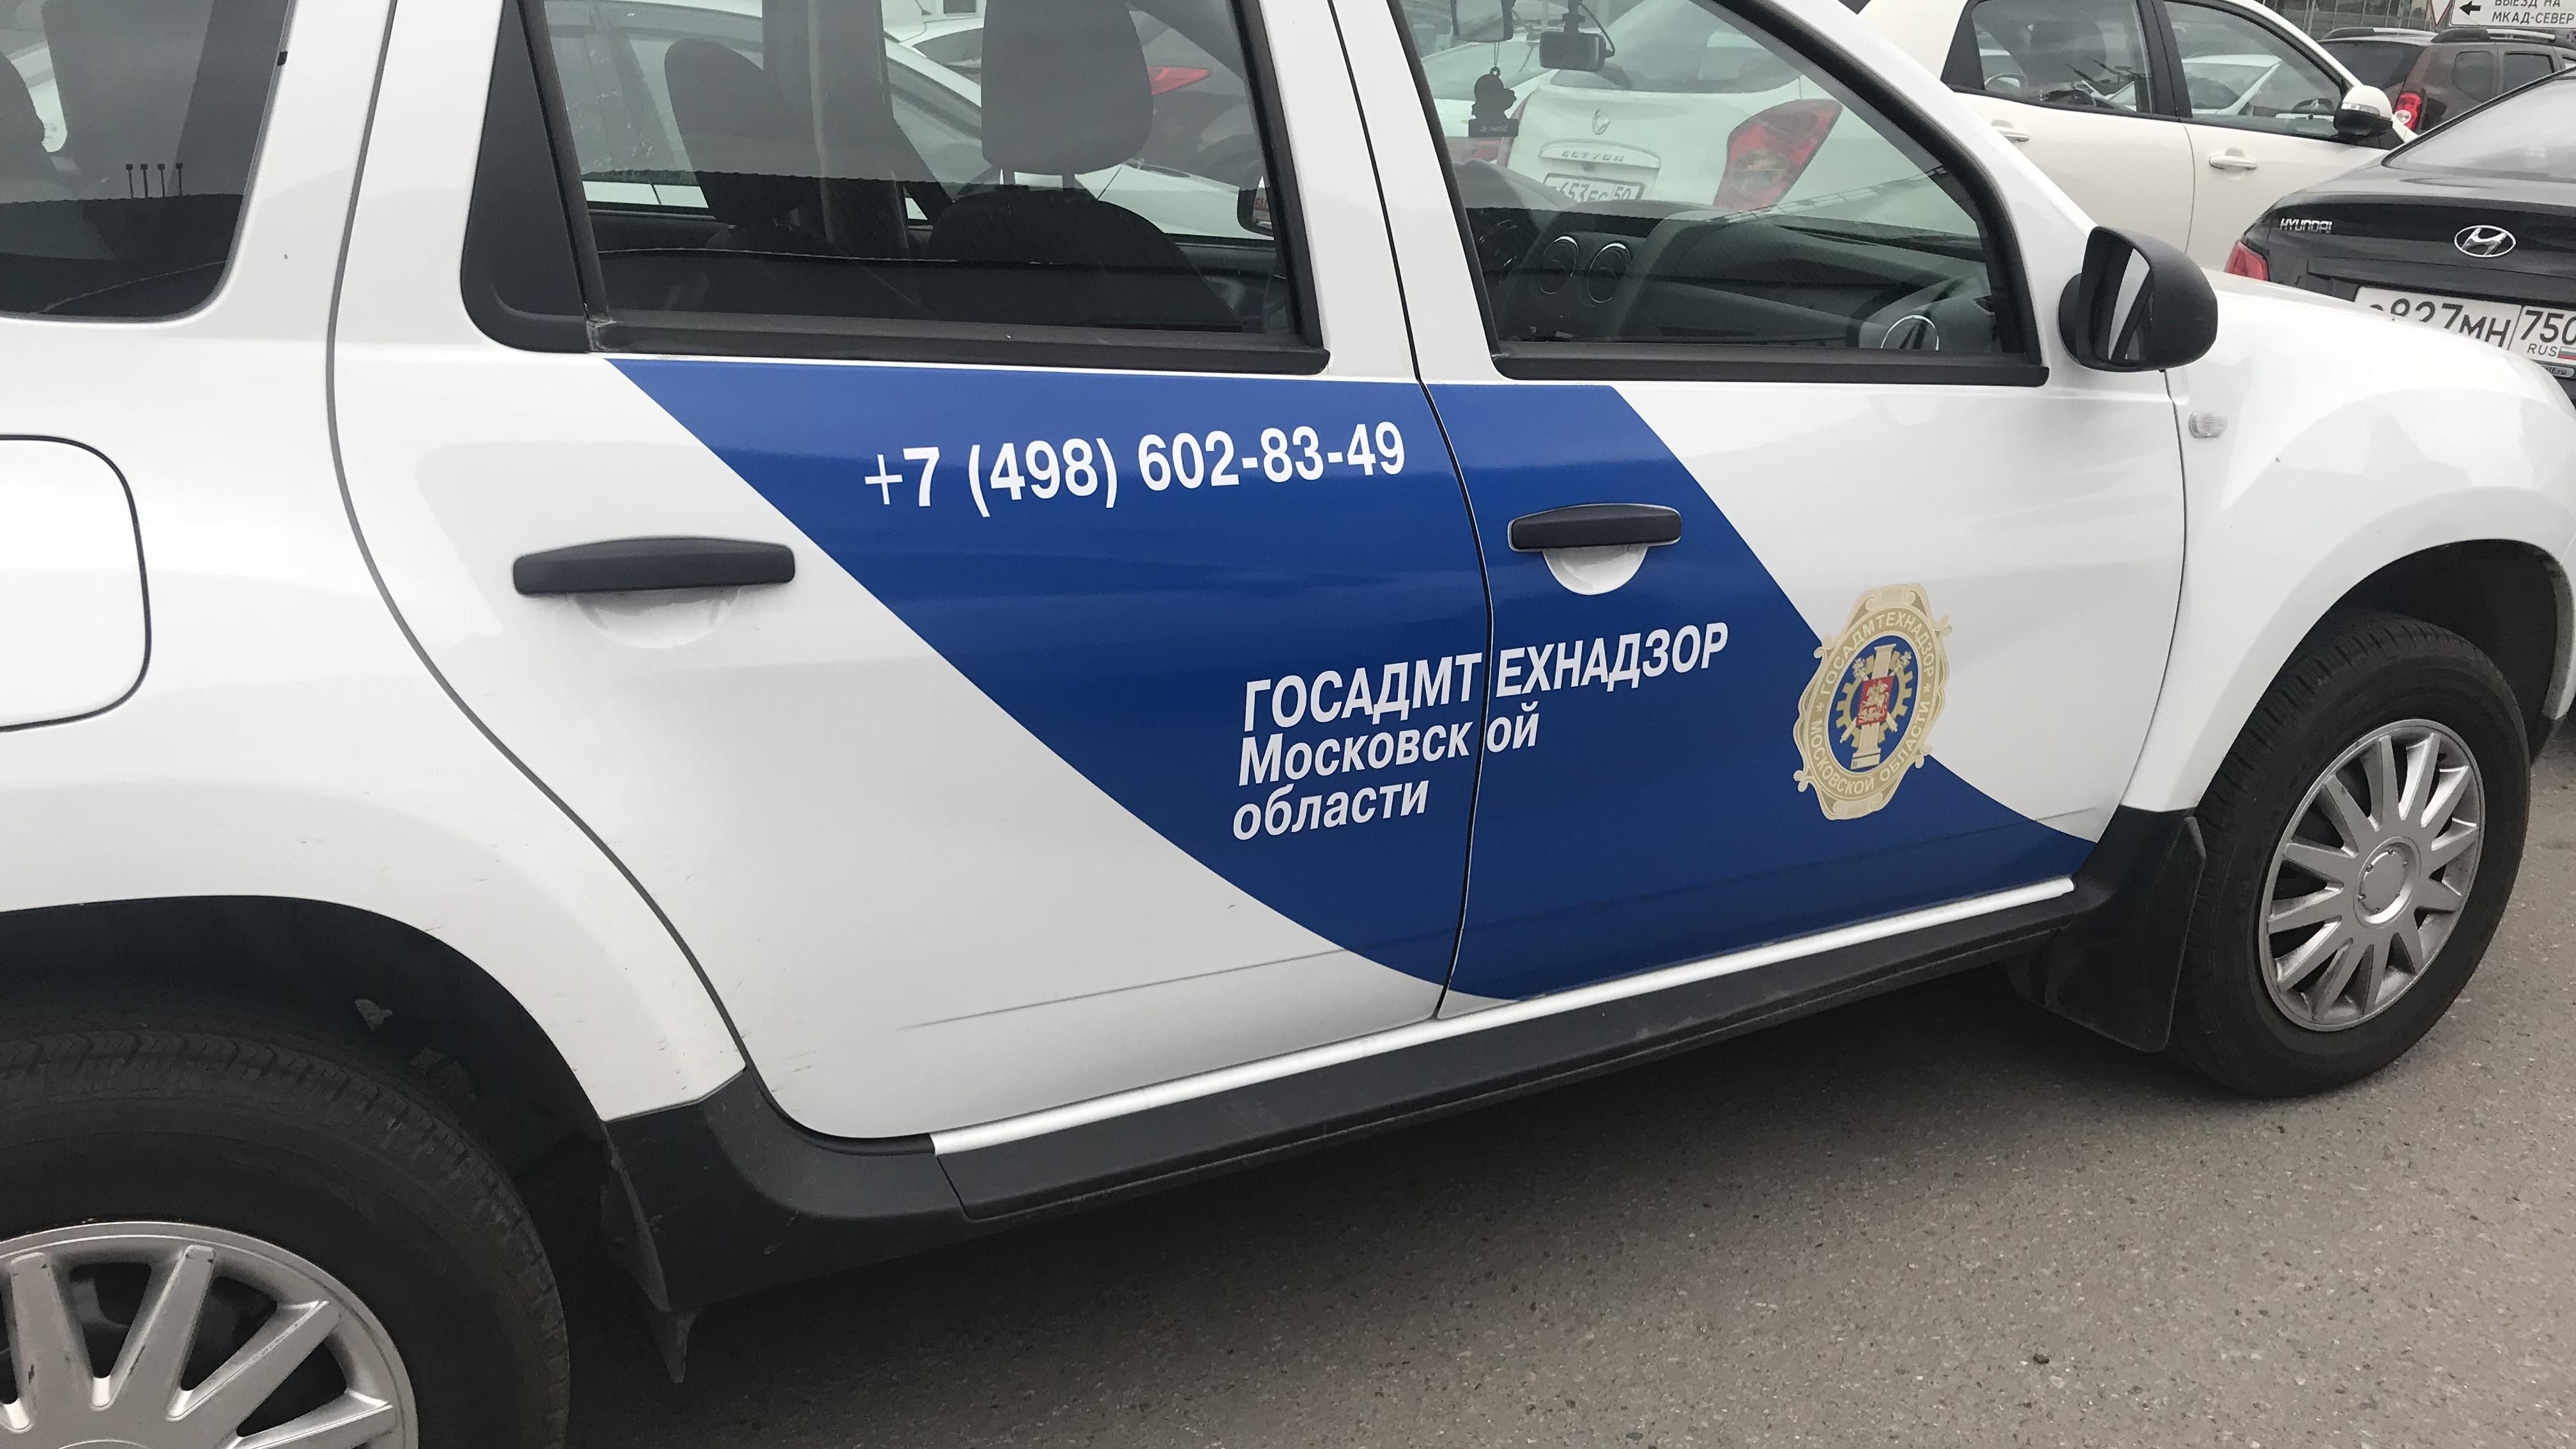 Свыше 1,4 тыс. объектов вдоль вылетных магистралей привели в порядок в Подмосковье